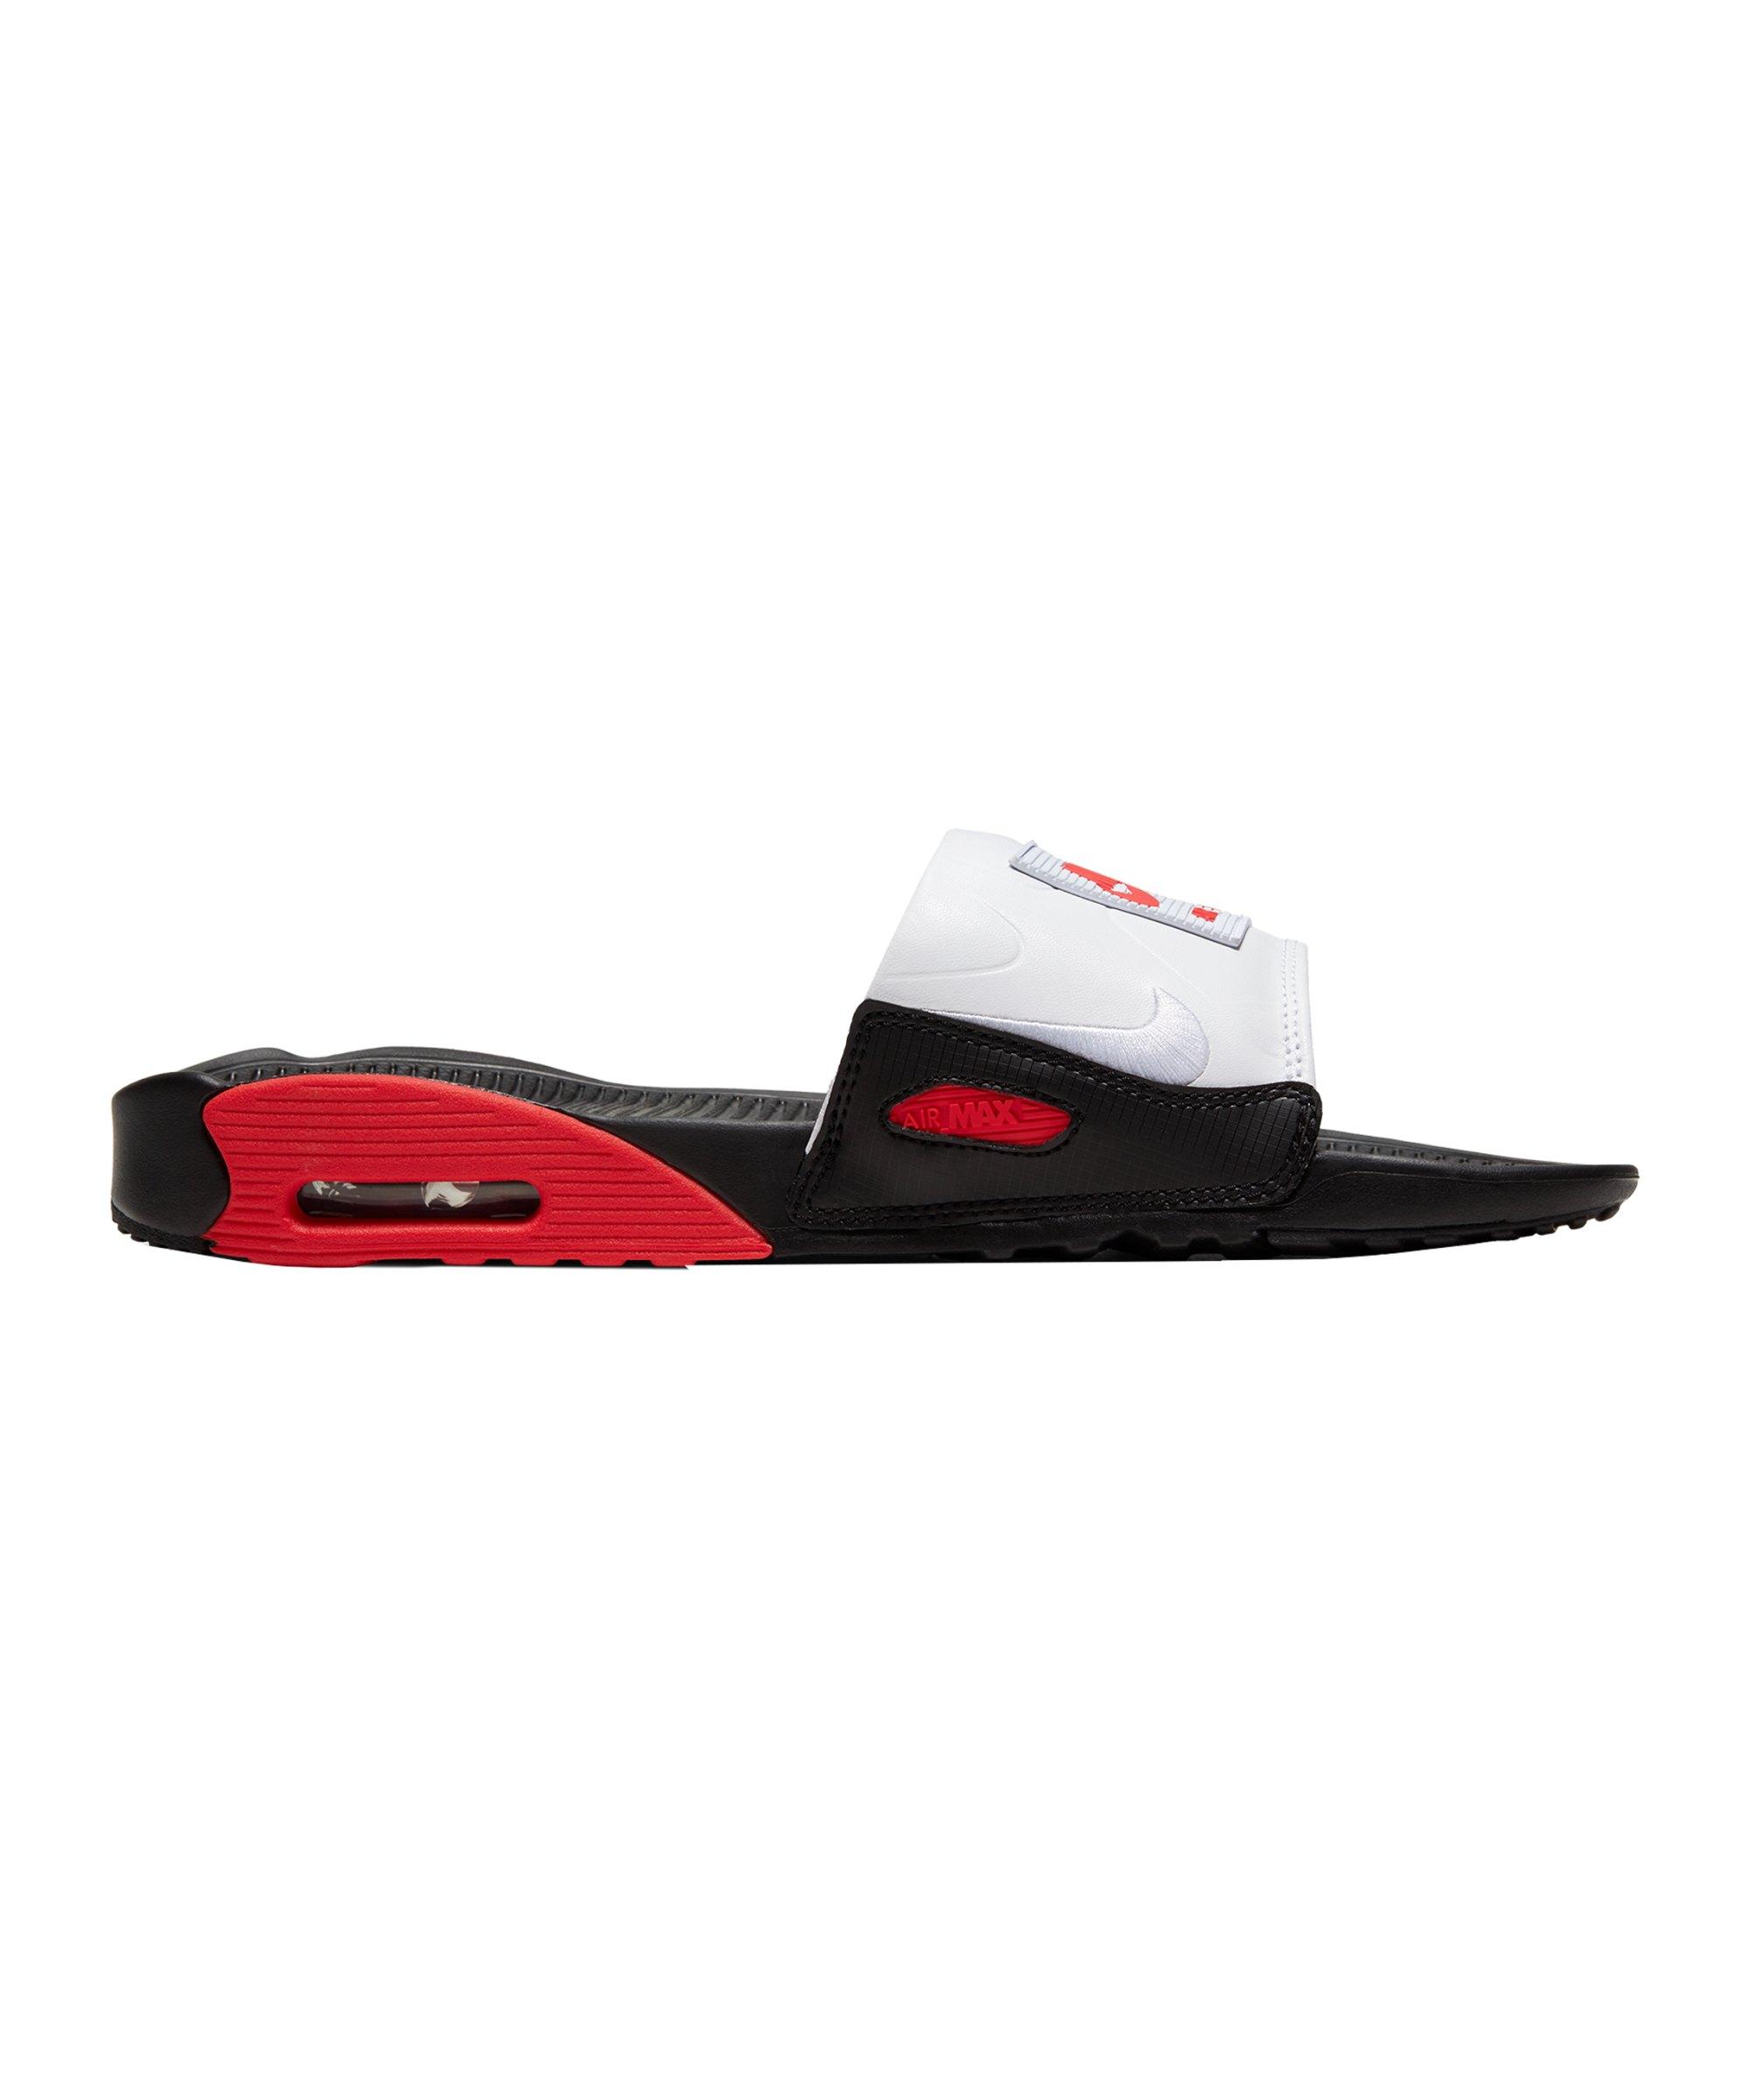 Nike Air Max 90 Slide Badelatsche Schwarz F003 - schwarz